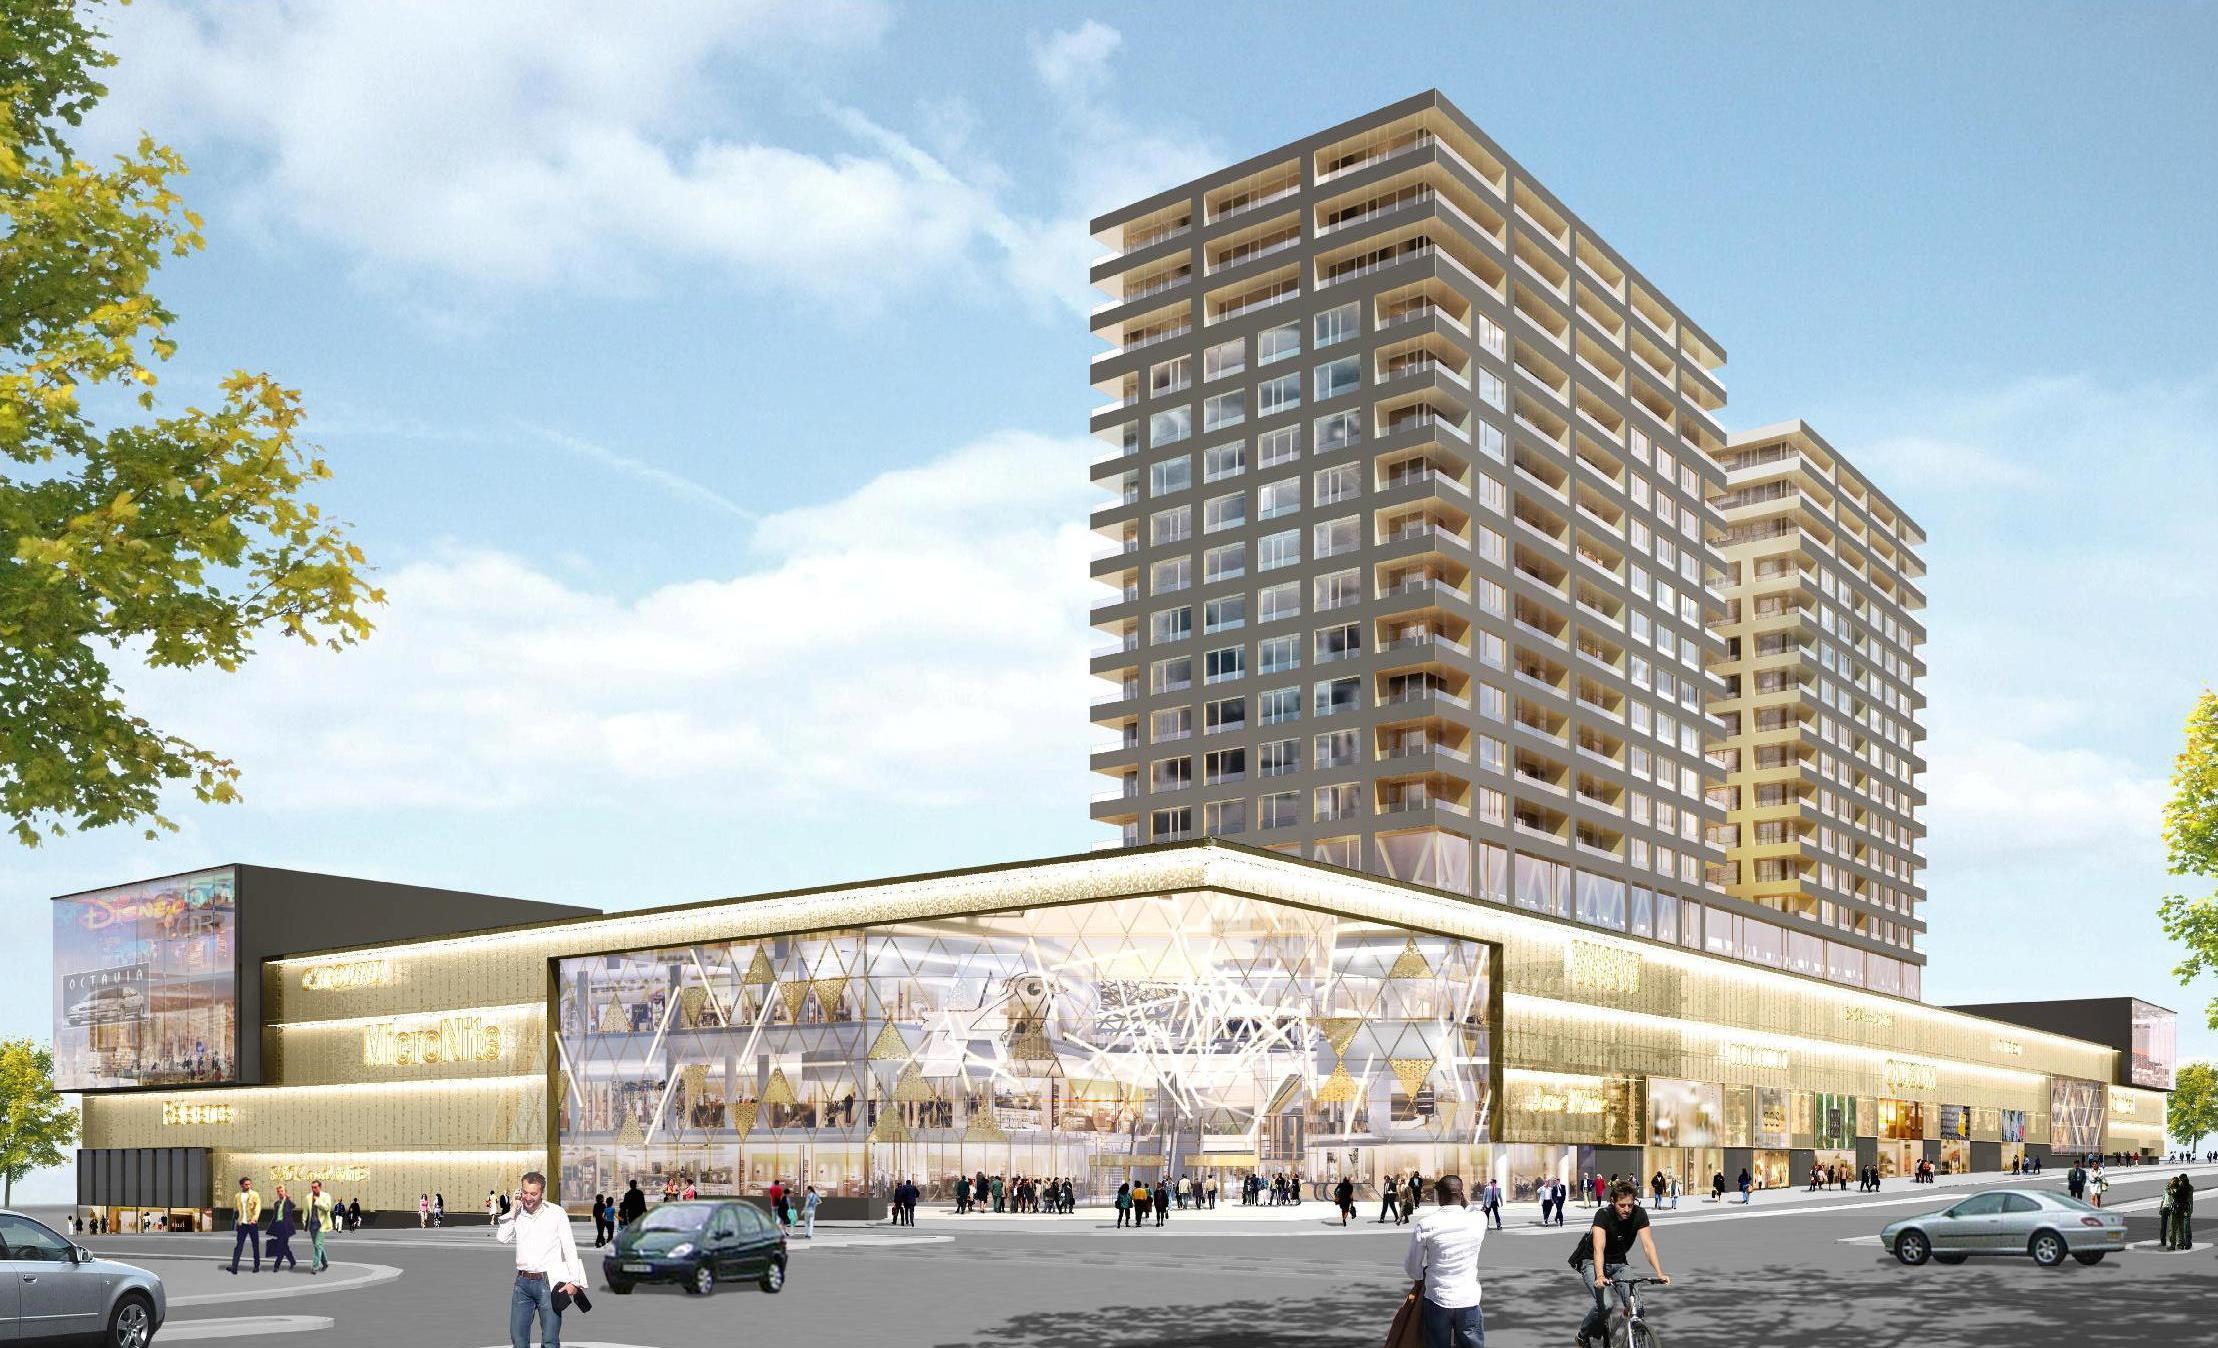 Le futur centre commercial du Ban de Gasperich doit s'étaler sur 75.000 m2 et sera surmonté de deux tours où doivent résider 2.500 personnes. (Crédit: LCO)